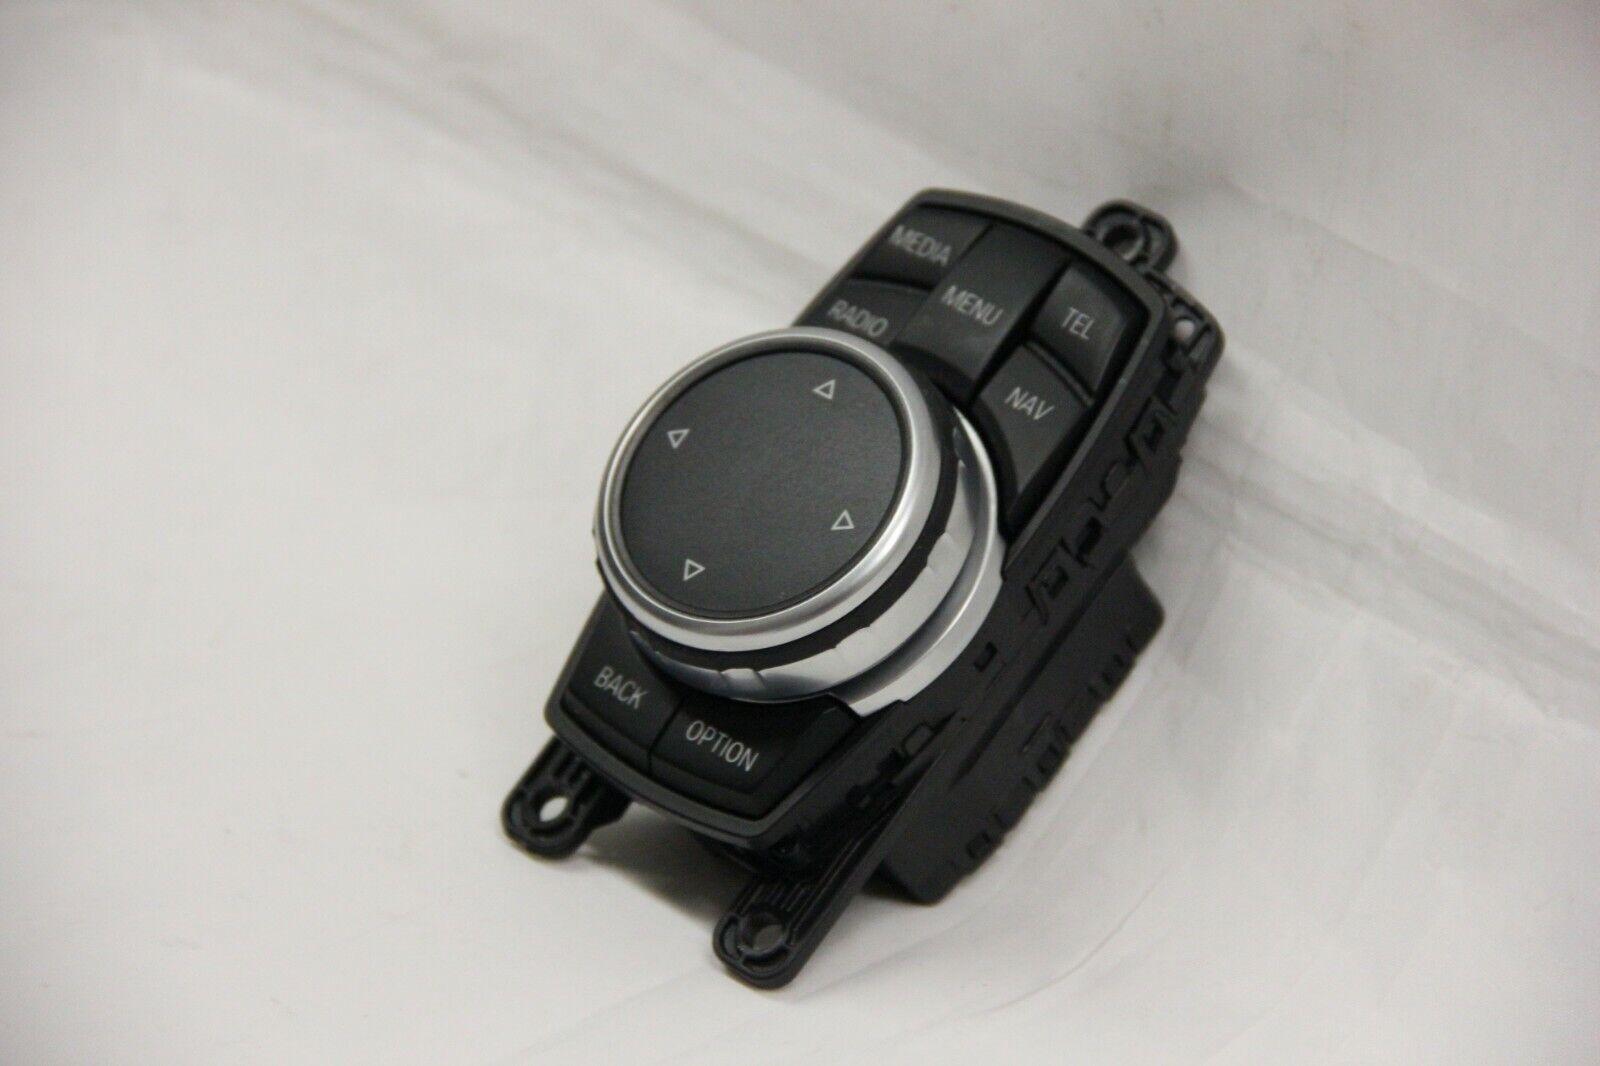 BMW F10 F01 F15 F07 F20 F25 F30 NBT touch iDrive controller 9350723